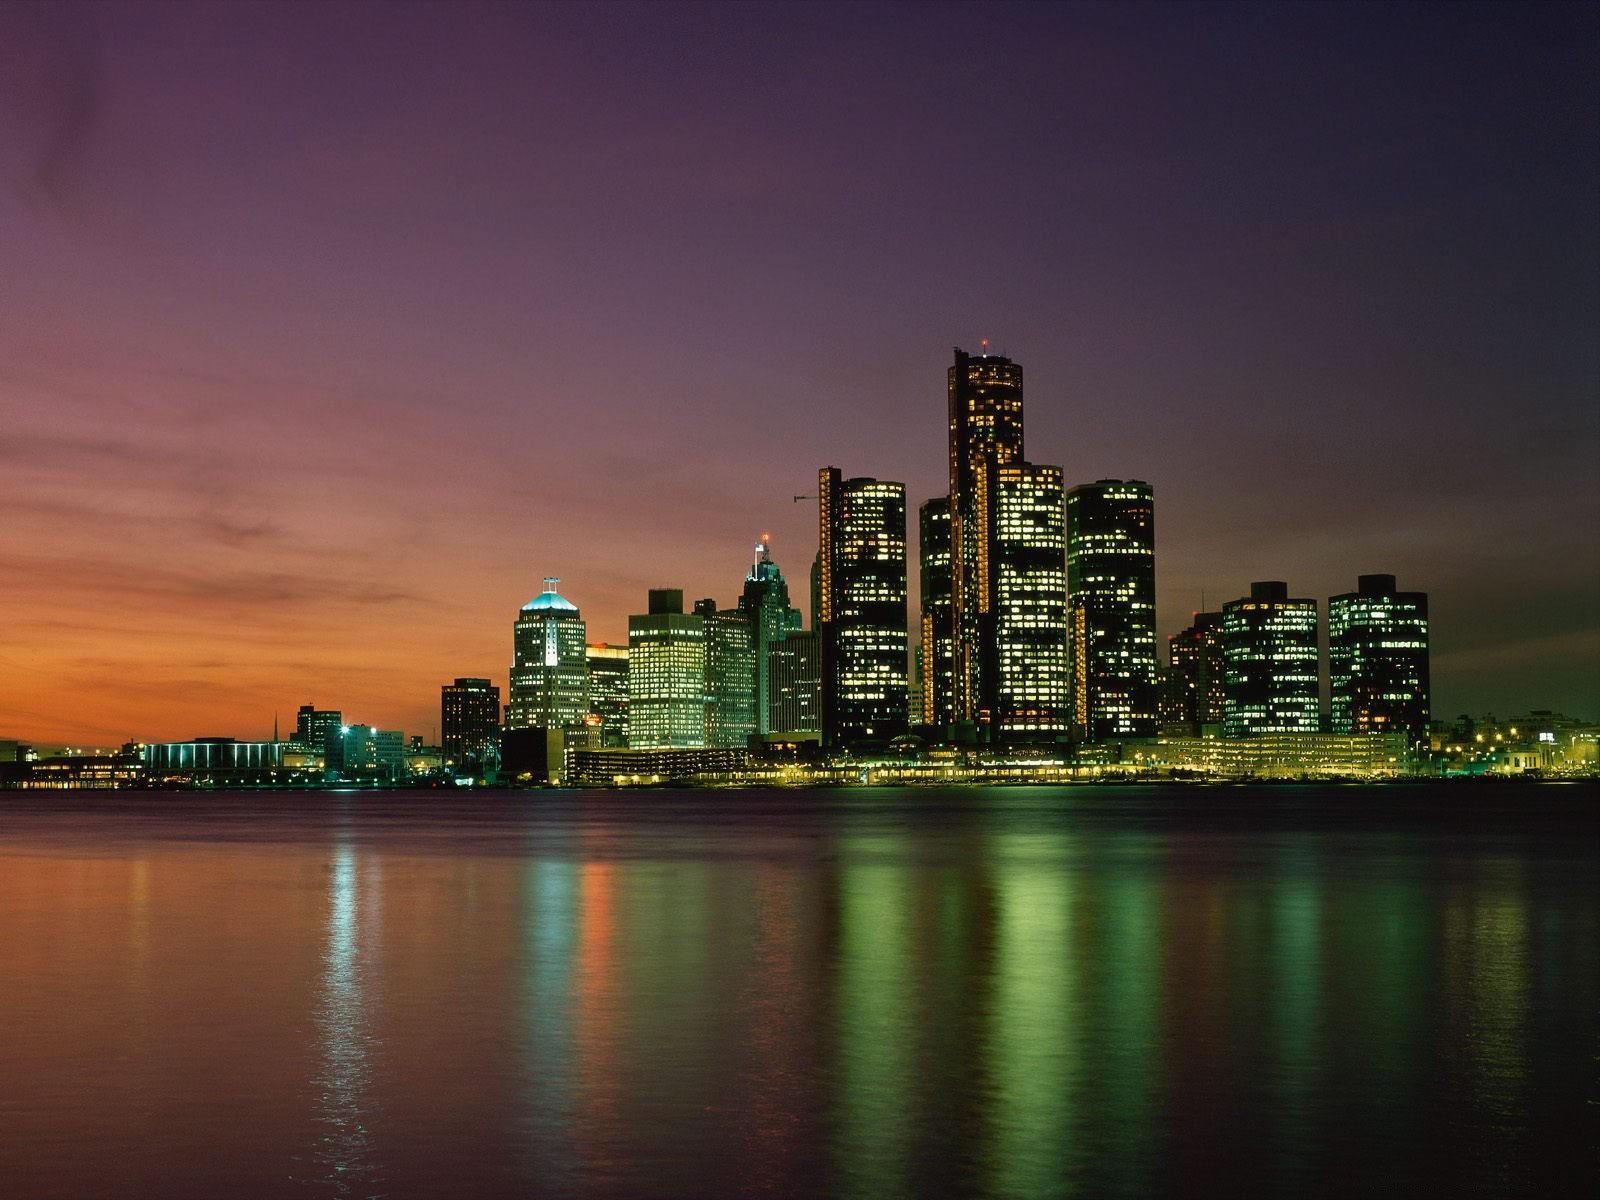 Детройт, штат Мичиган, США